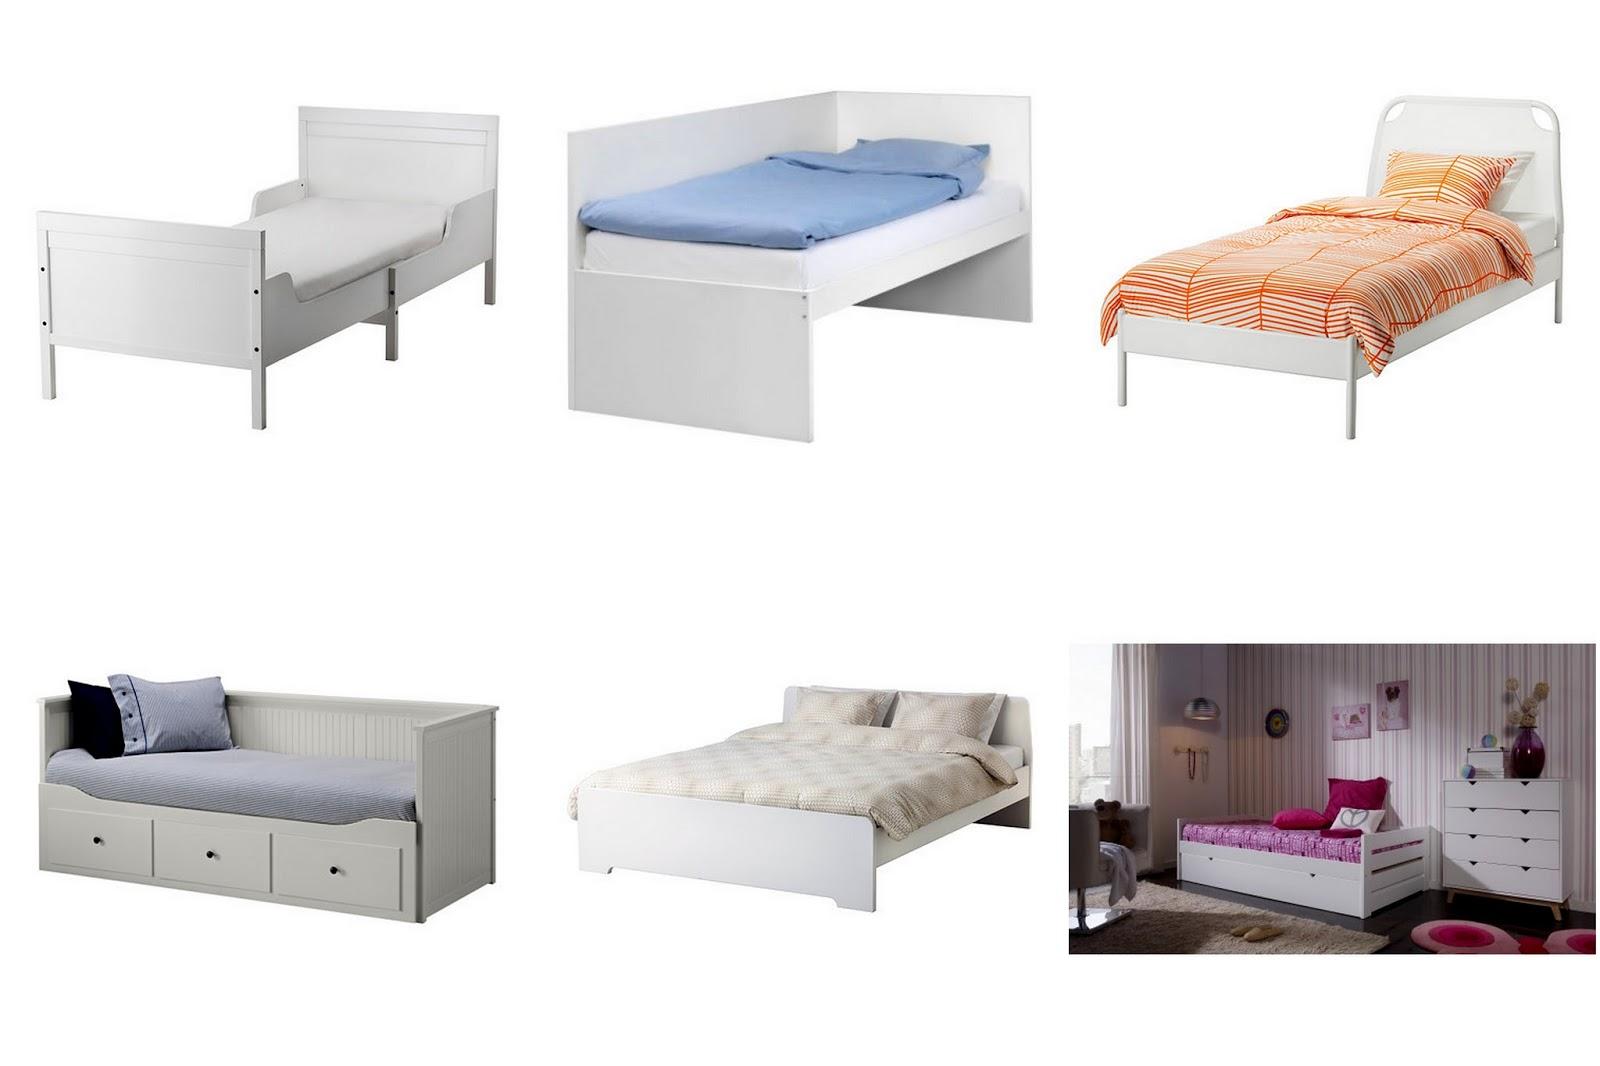 Conforama camas para ninos dise os arquitect nicos - Escritorio infantil conforama ...